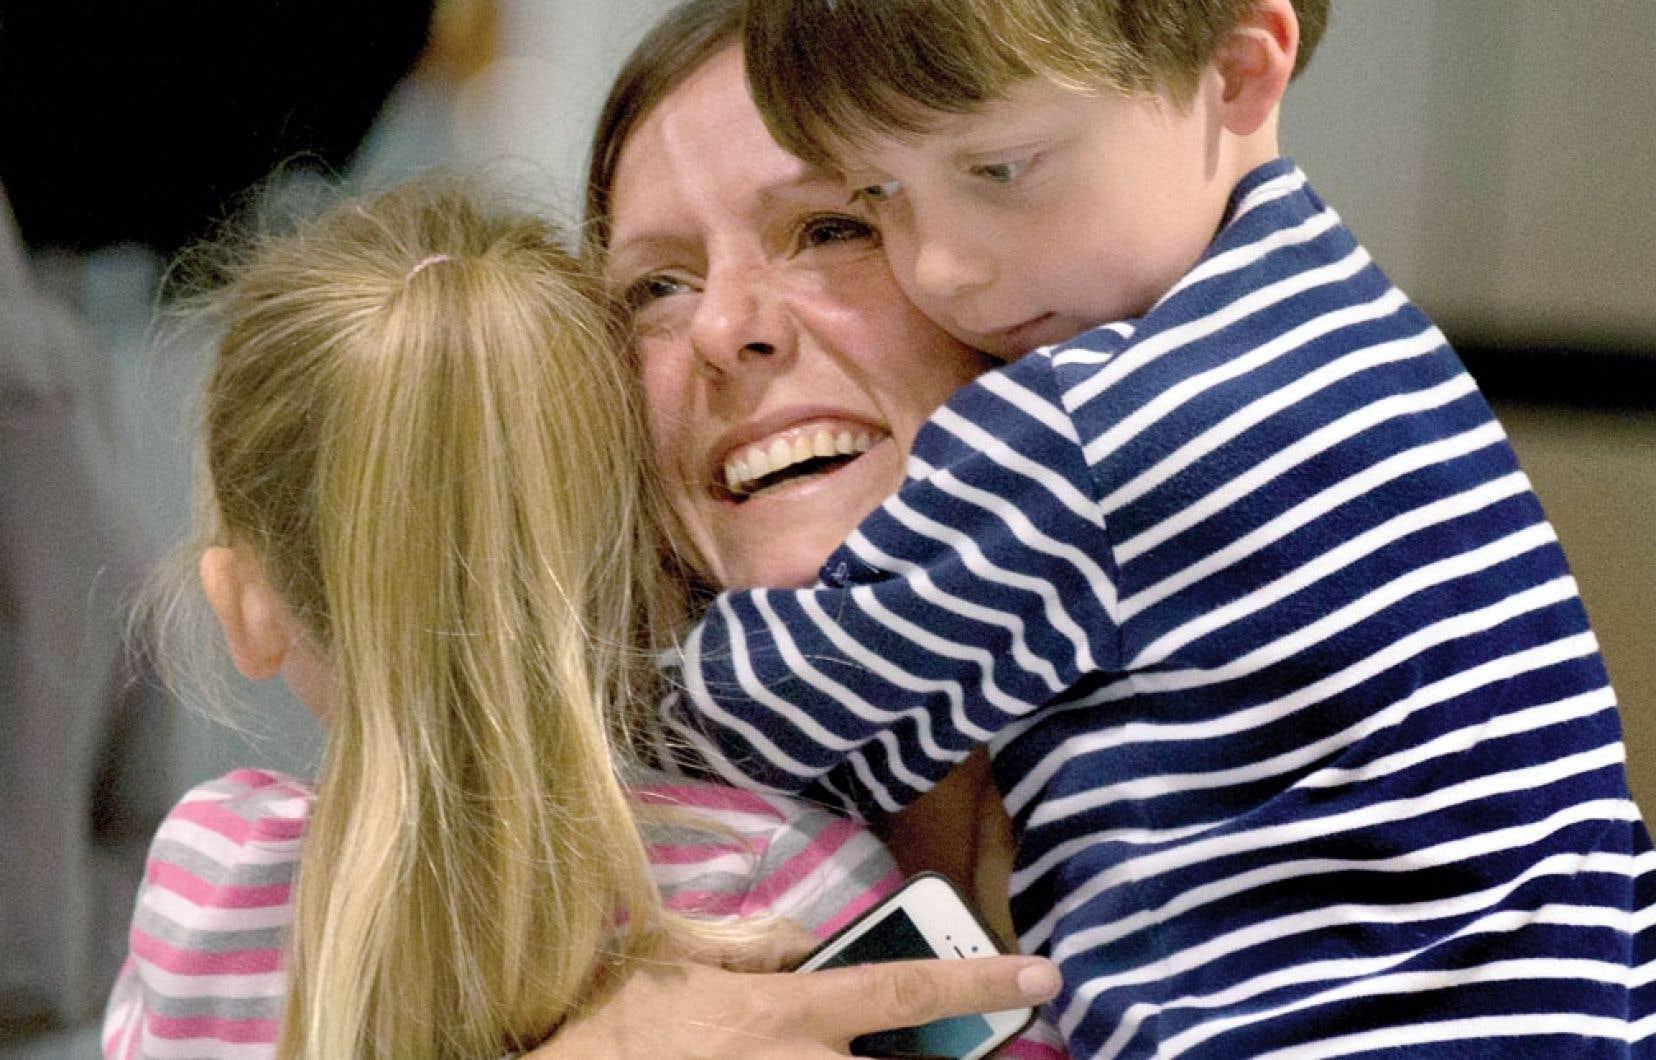 La rameuse Mylène Paquette était de retour à Montréal, mercredi après-midi. Admirateurs et proches, dont les enfants de sa sœur, l'ont accueillie à l'aéroport.